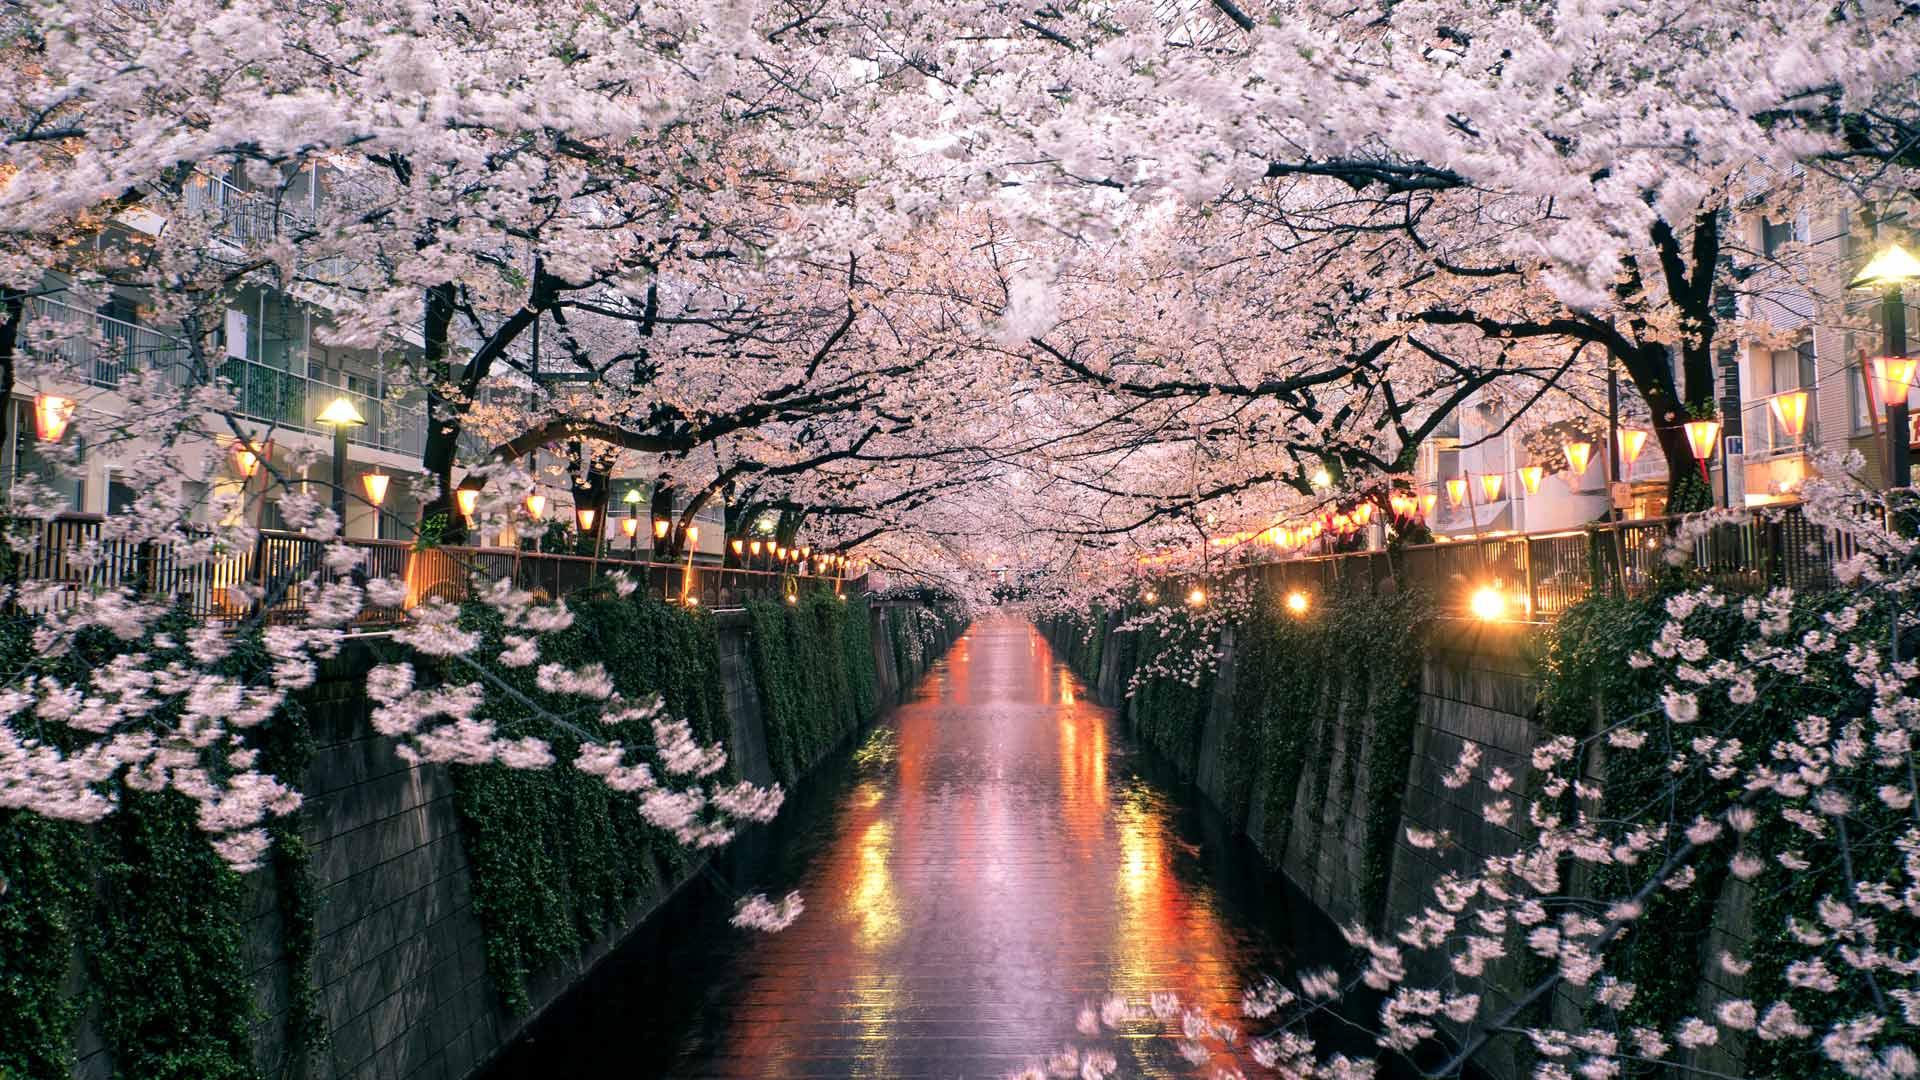 目黑川上盛开的樱花,日本东京 (© taketan/Getty Images)